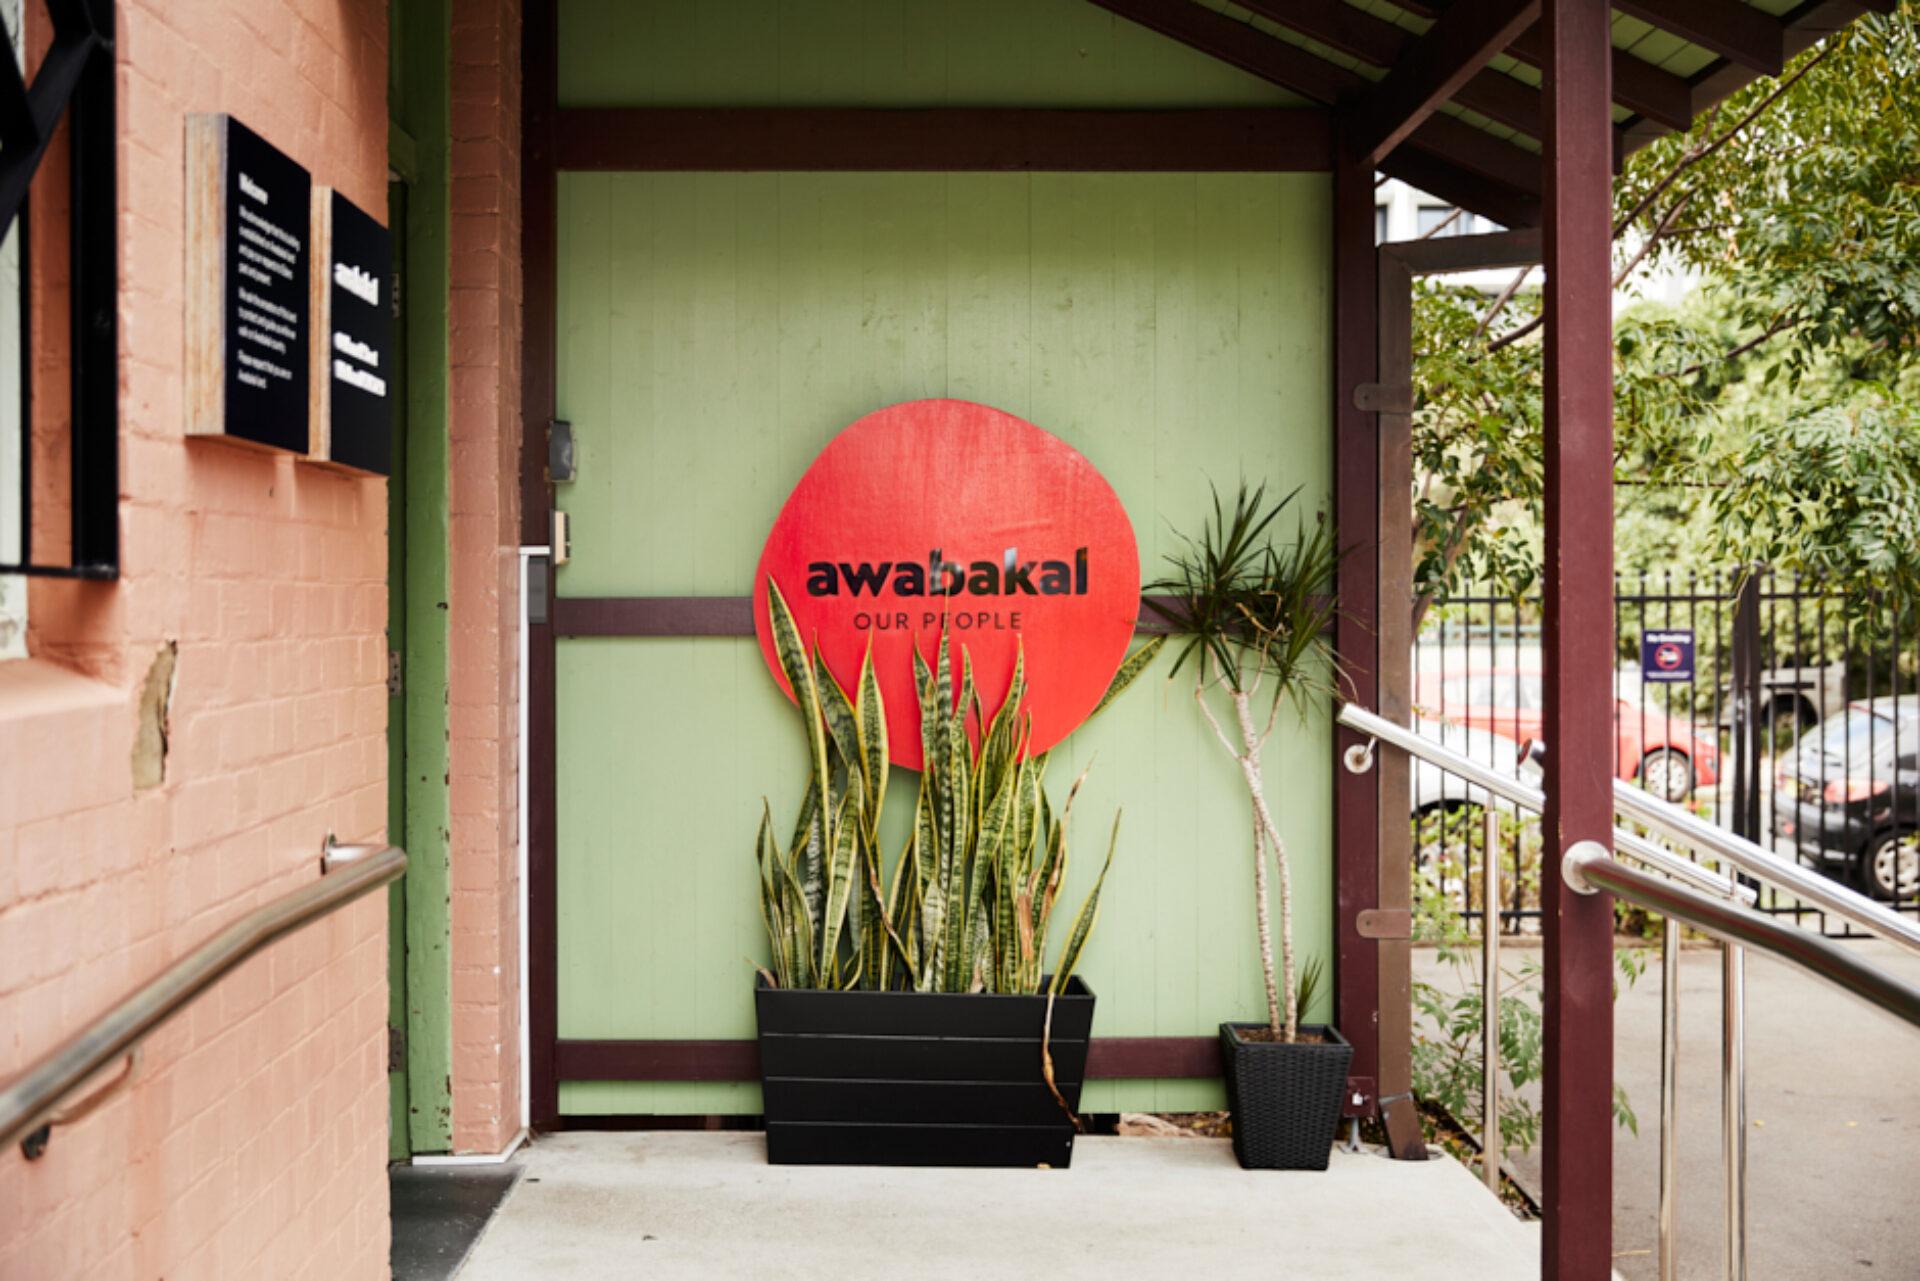 Awabakal image 03